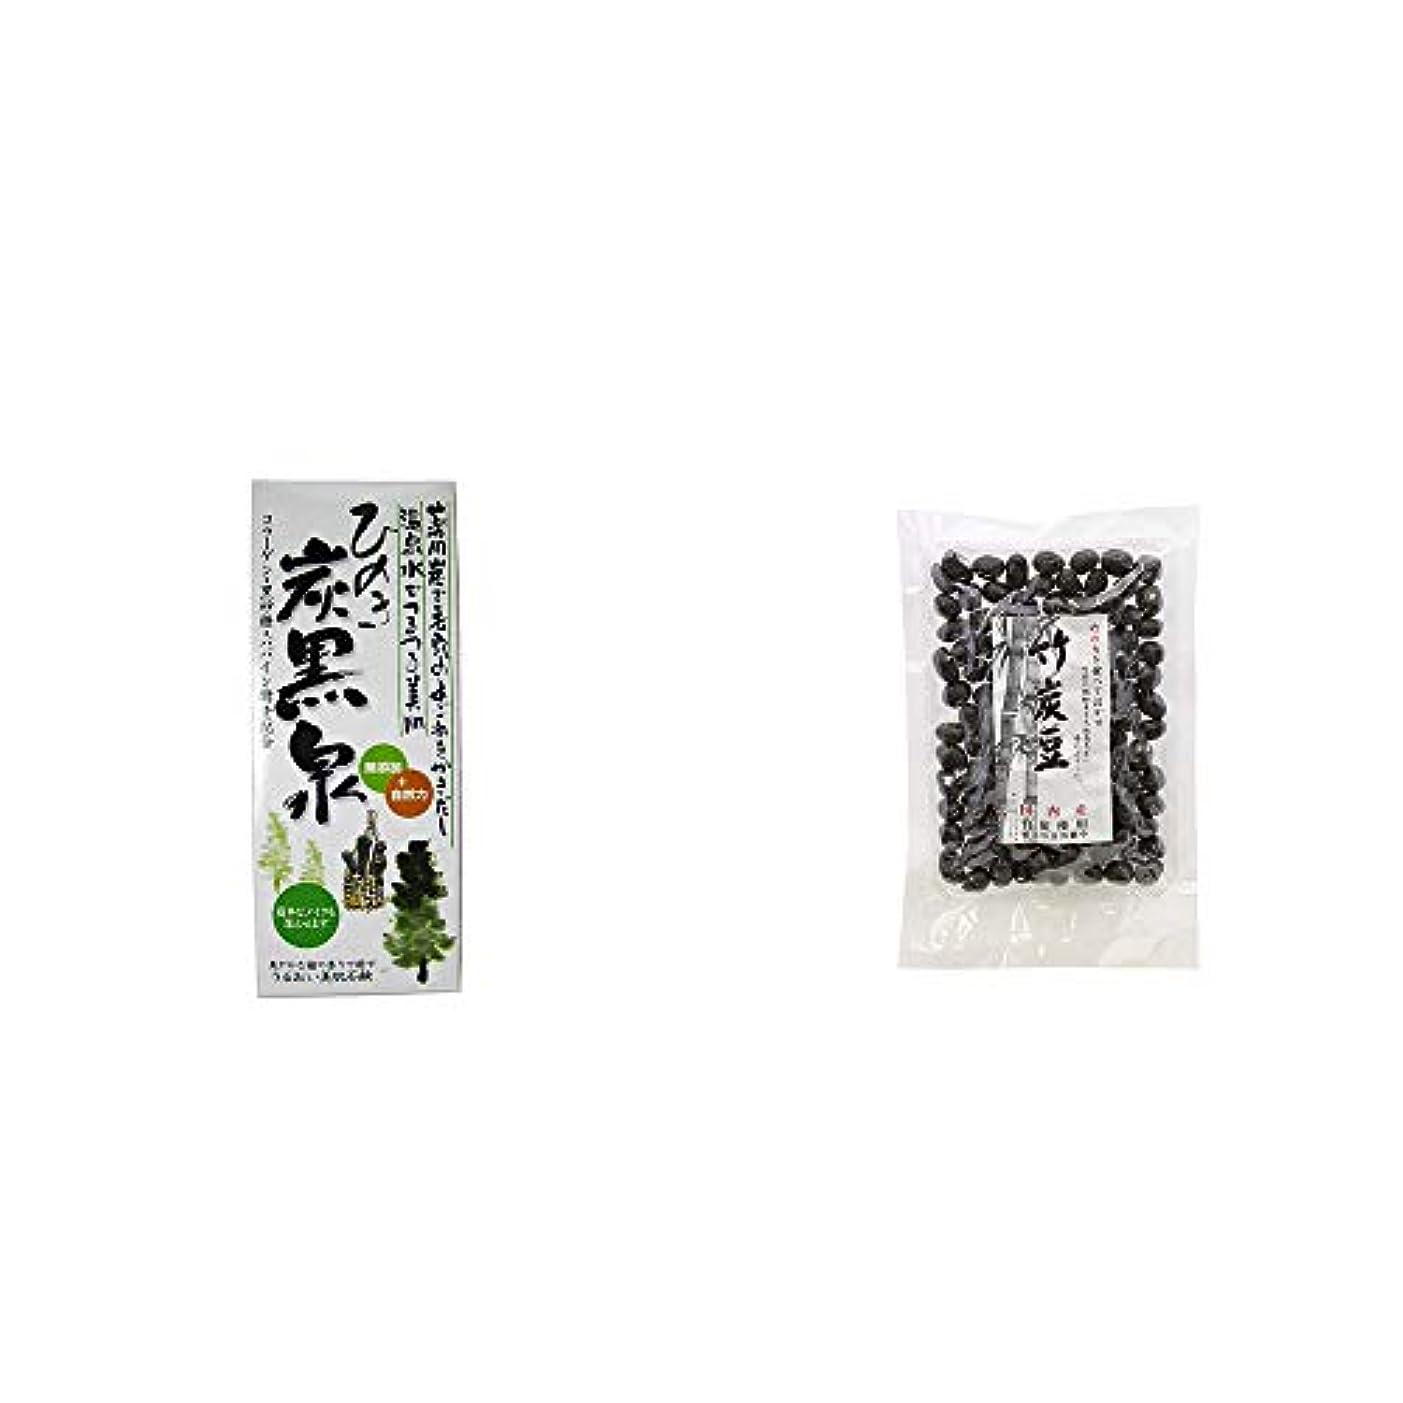 気候ヘルメット句[2点セット] ひのき炭黒泉 箱入り(75g×3)?国内産 竹炭使用 竹炭豆(160g)